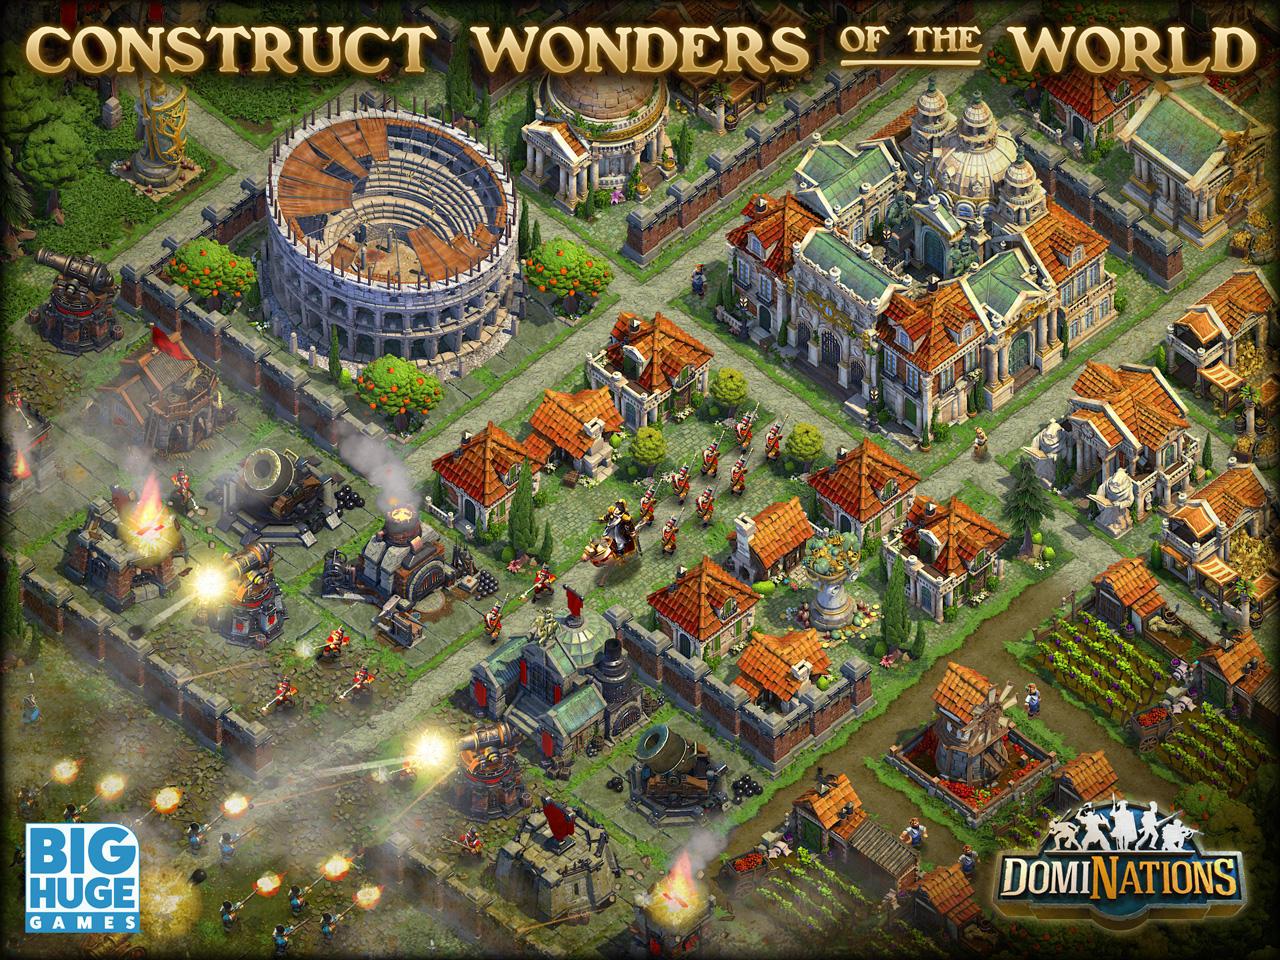 big huge games: